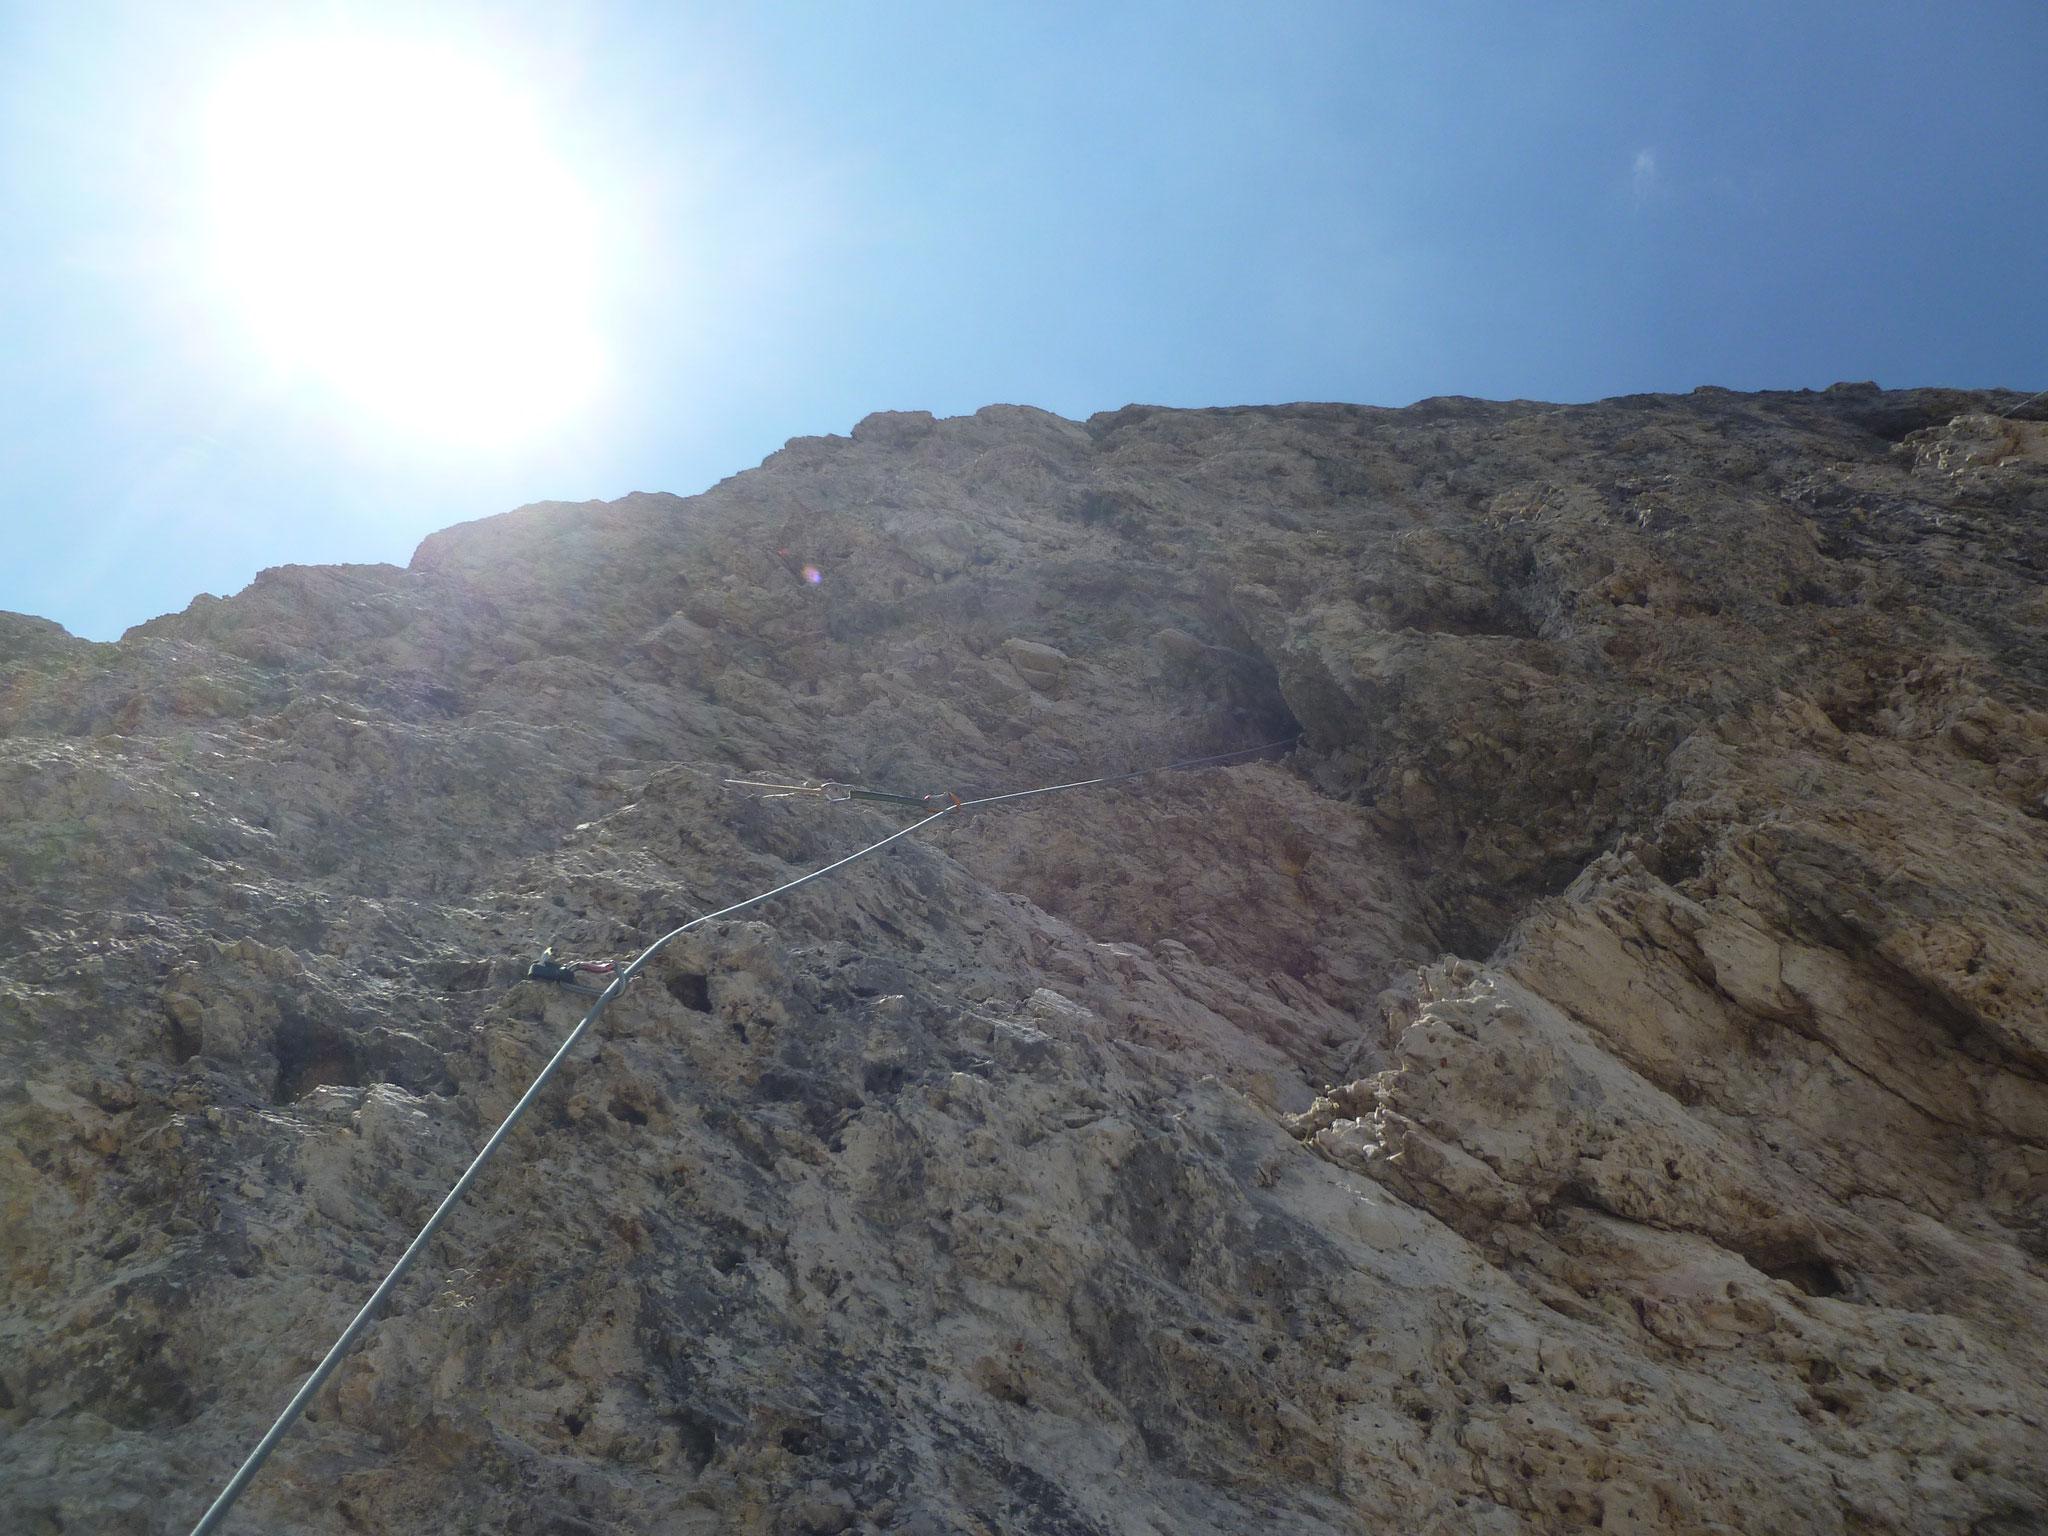 vorletzte Kletterlänge - nochmal schwerer